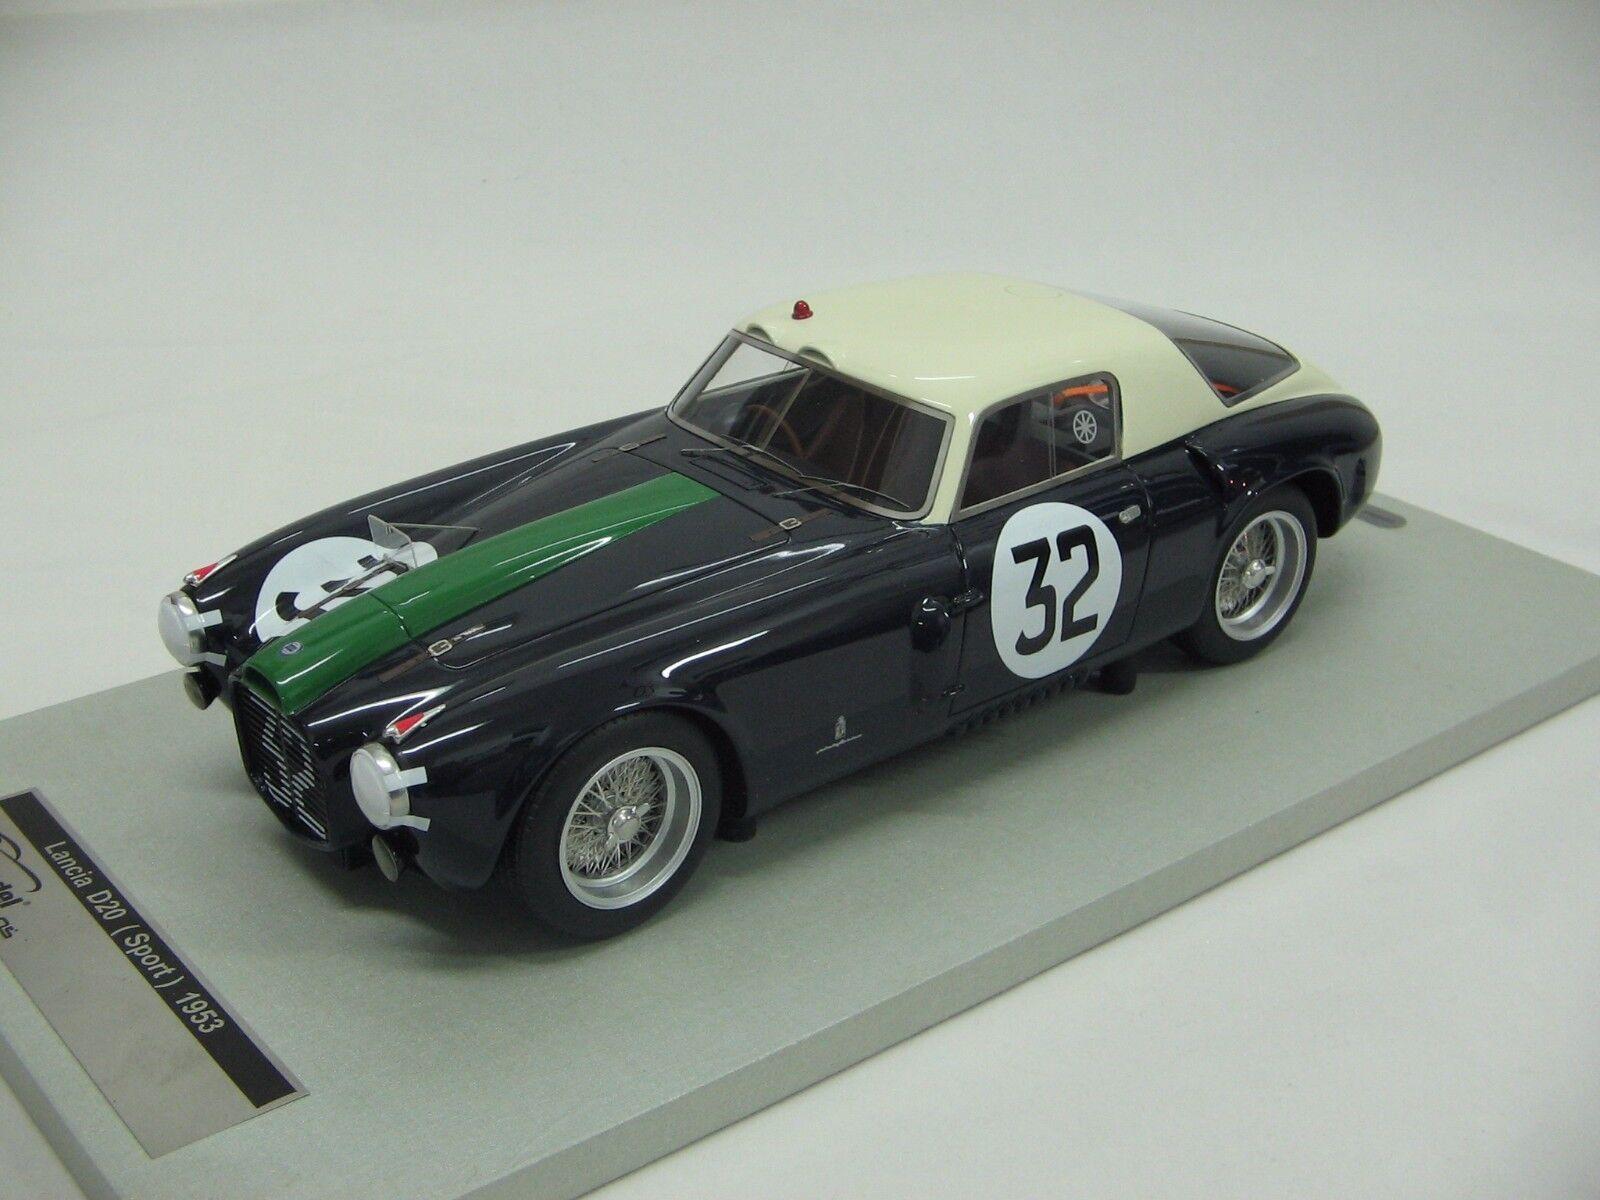 1 18 Scale Tecnomodel Tecnomodel Tecnomodel Spear D20 Racing Coupe le Mans 24h 1953 Car Tm18-41b 87de80